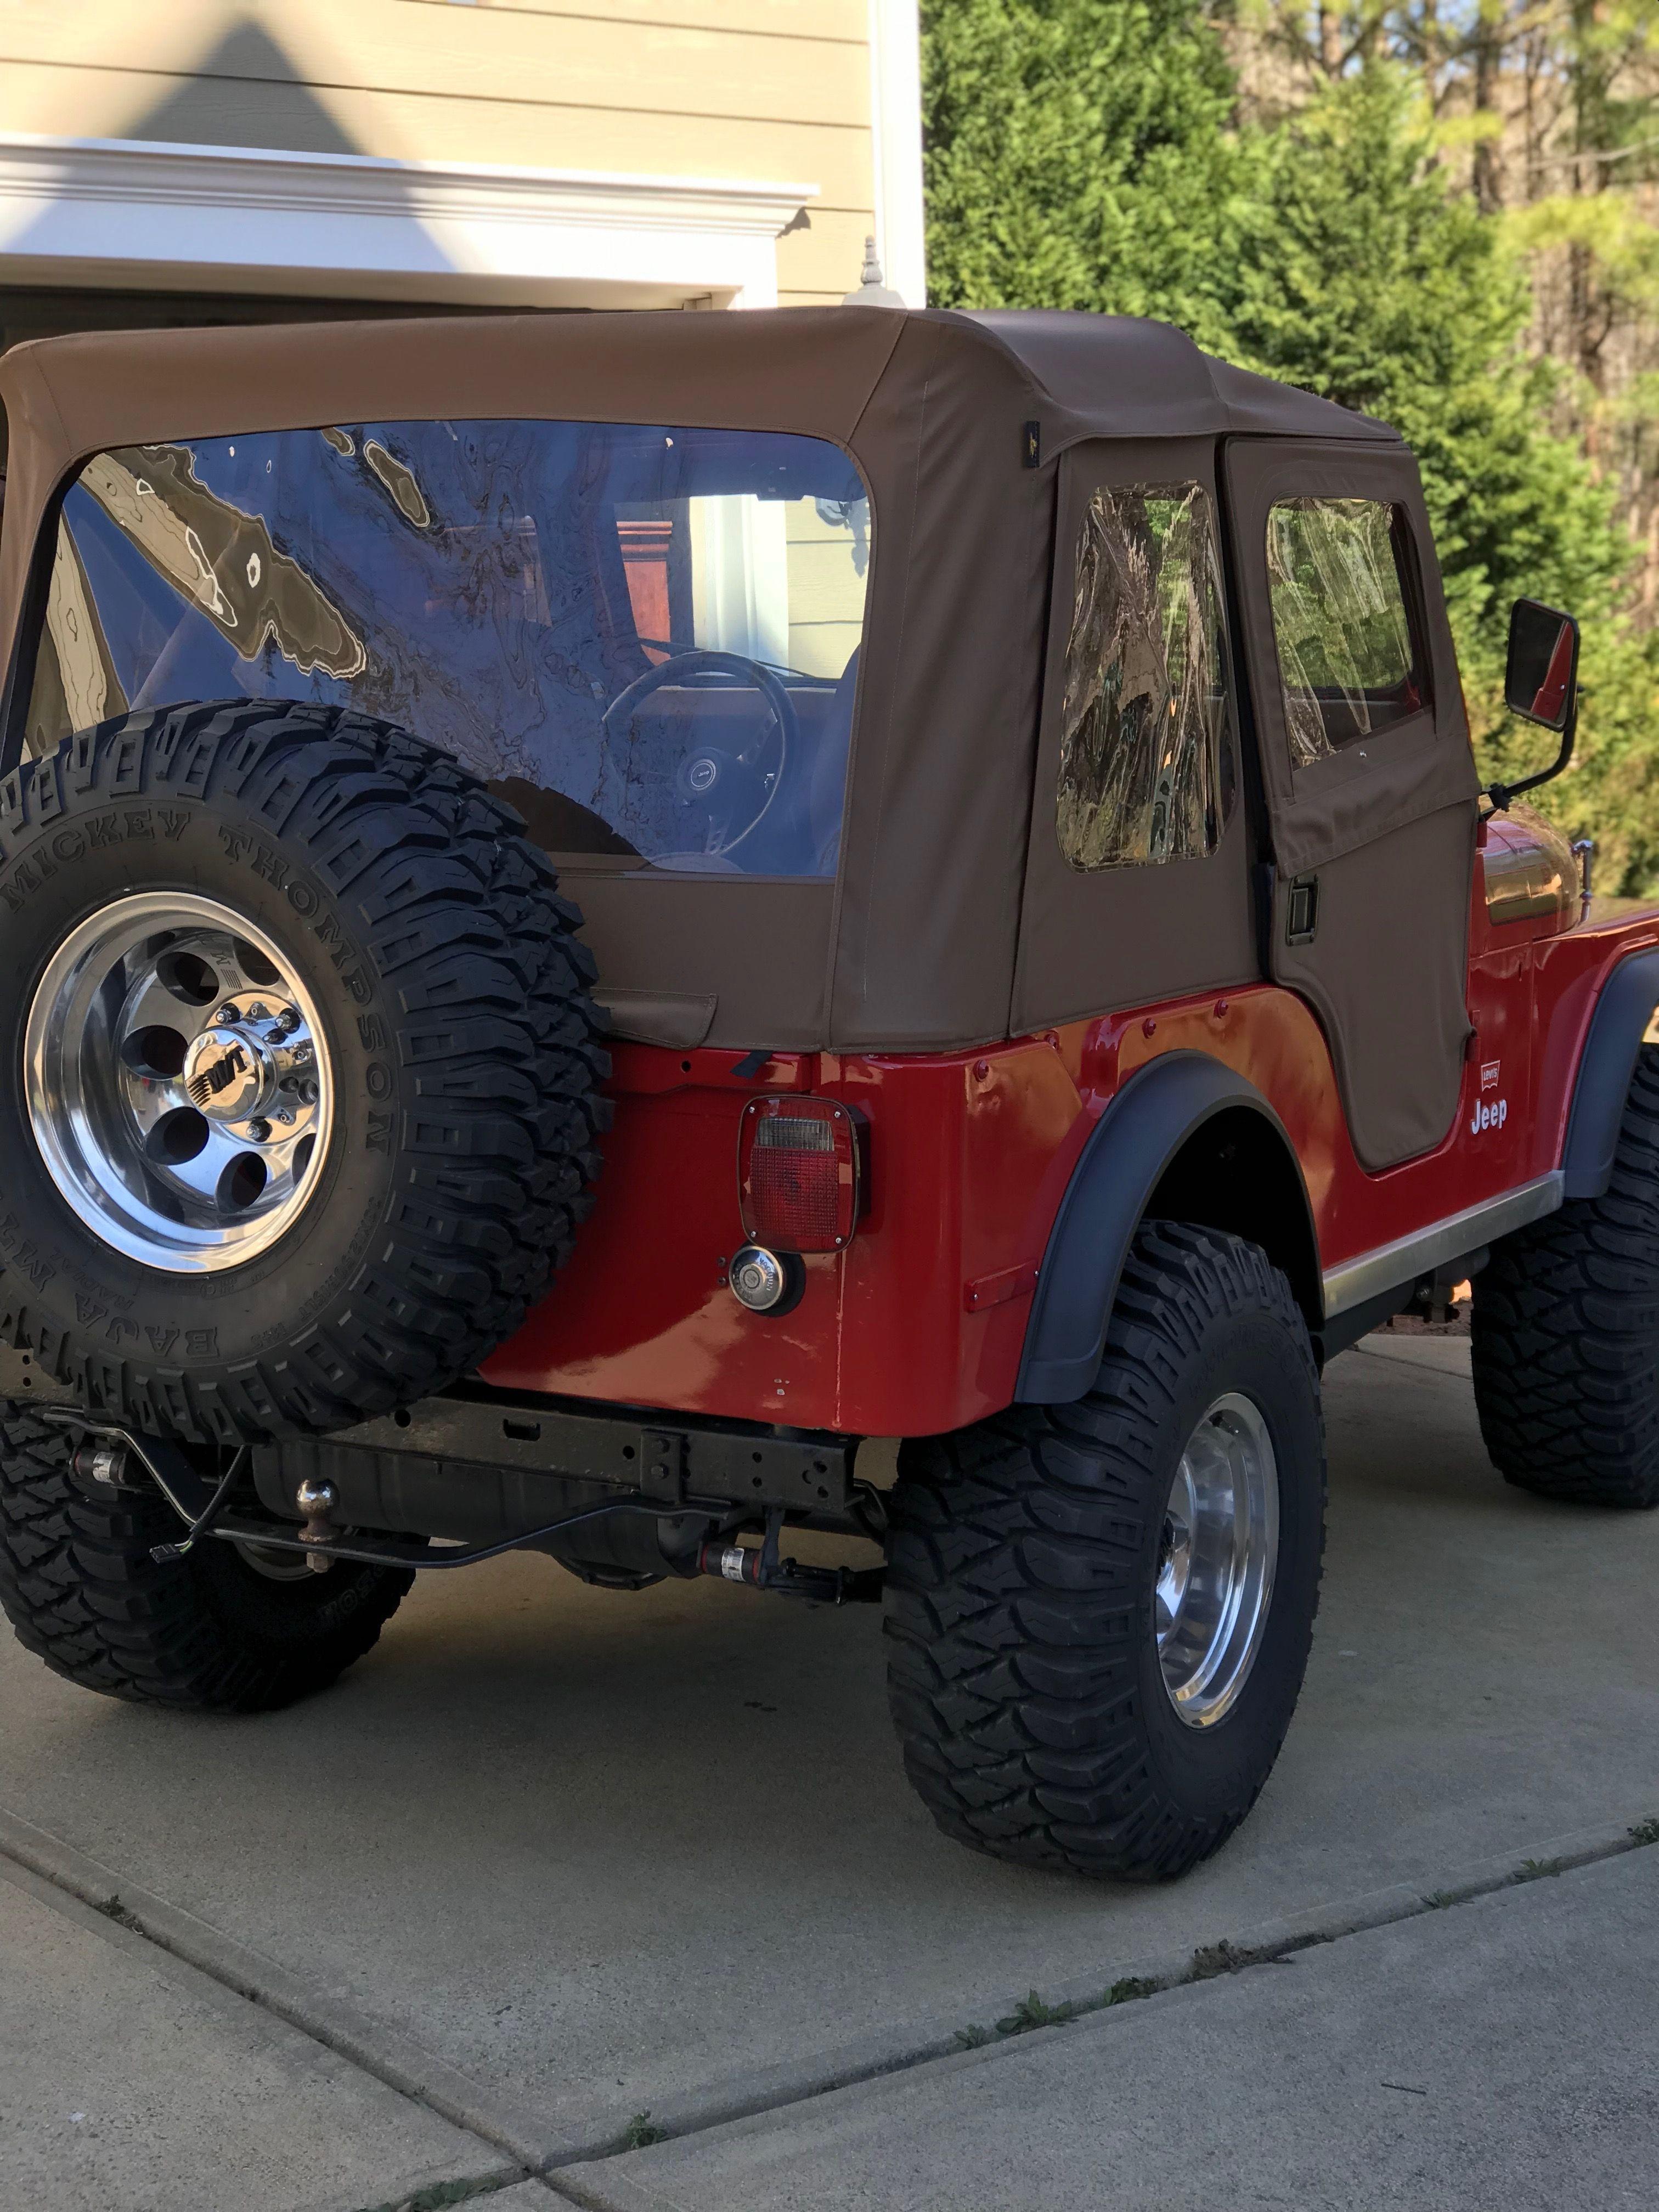 Cj5 Red With Tan Soft Top Jeep Cj Jeep Soft Tops